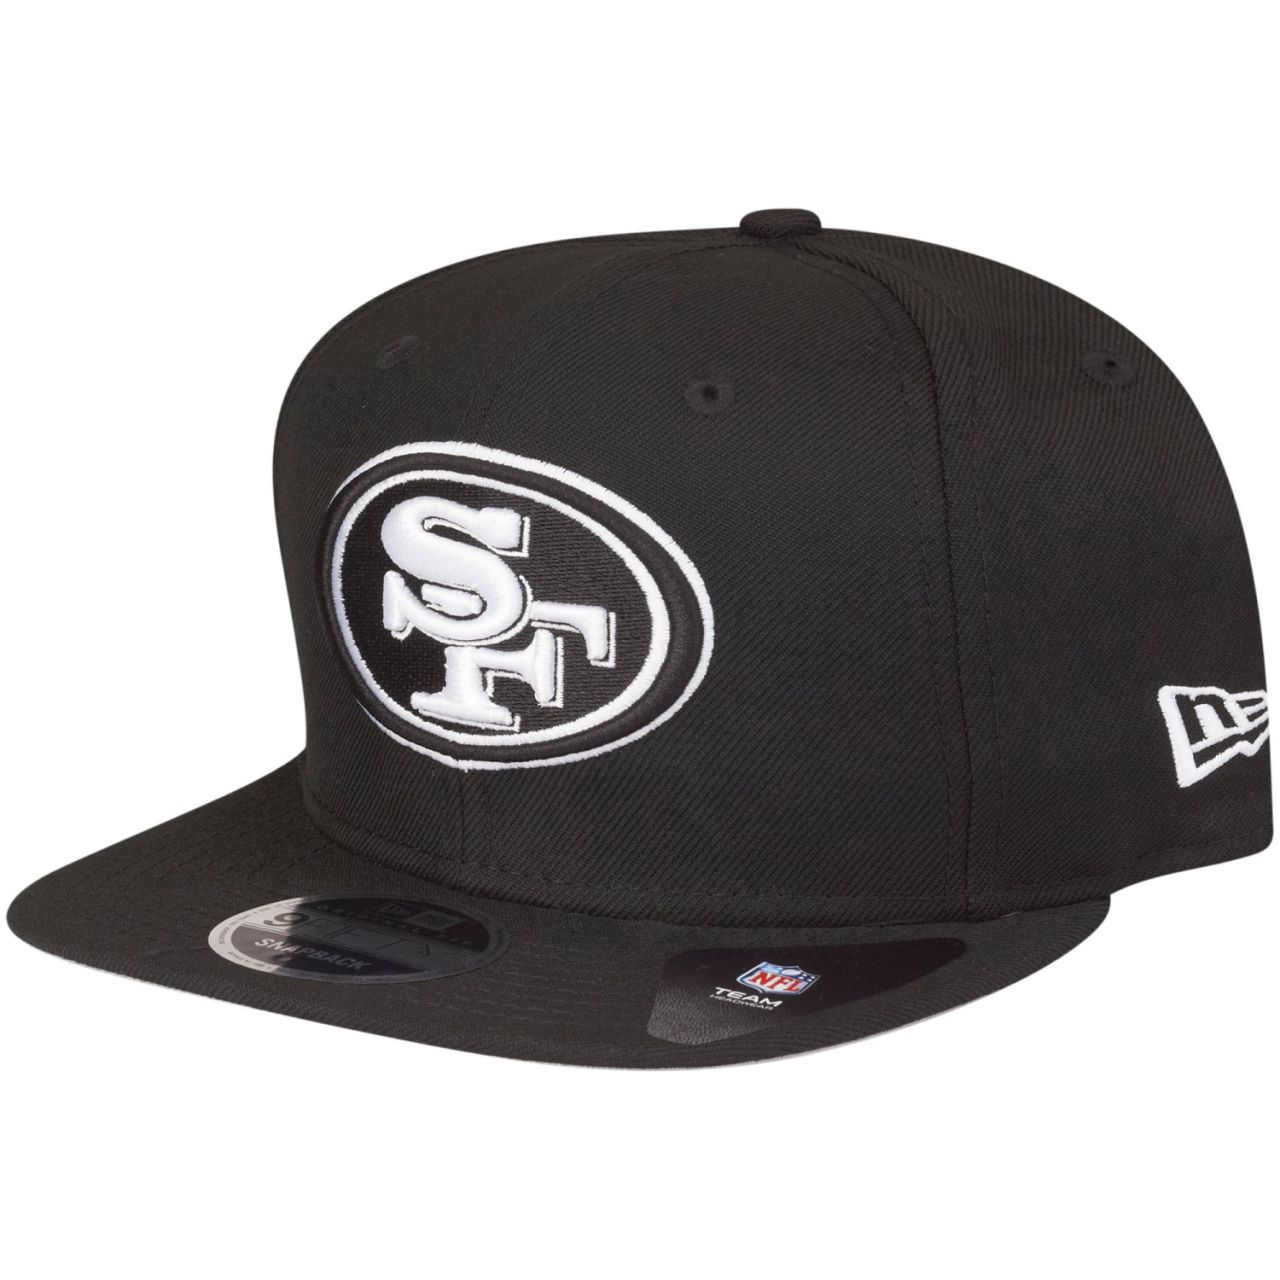 amfoo - New Era Original-Fit Snapback Cap - San Francisco 49ers